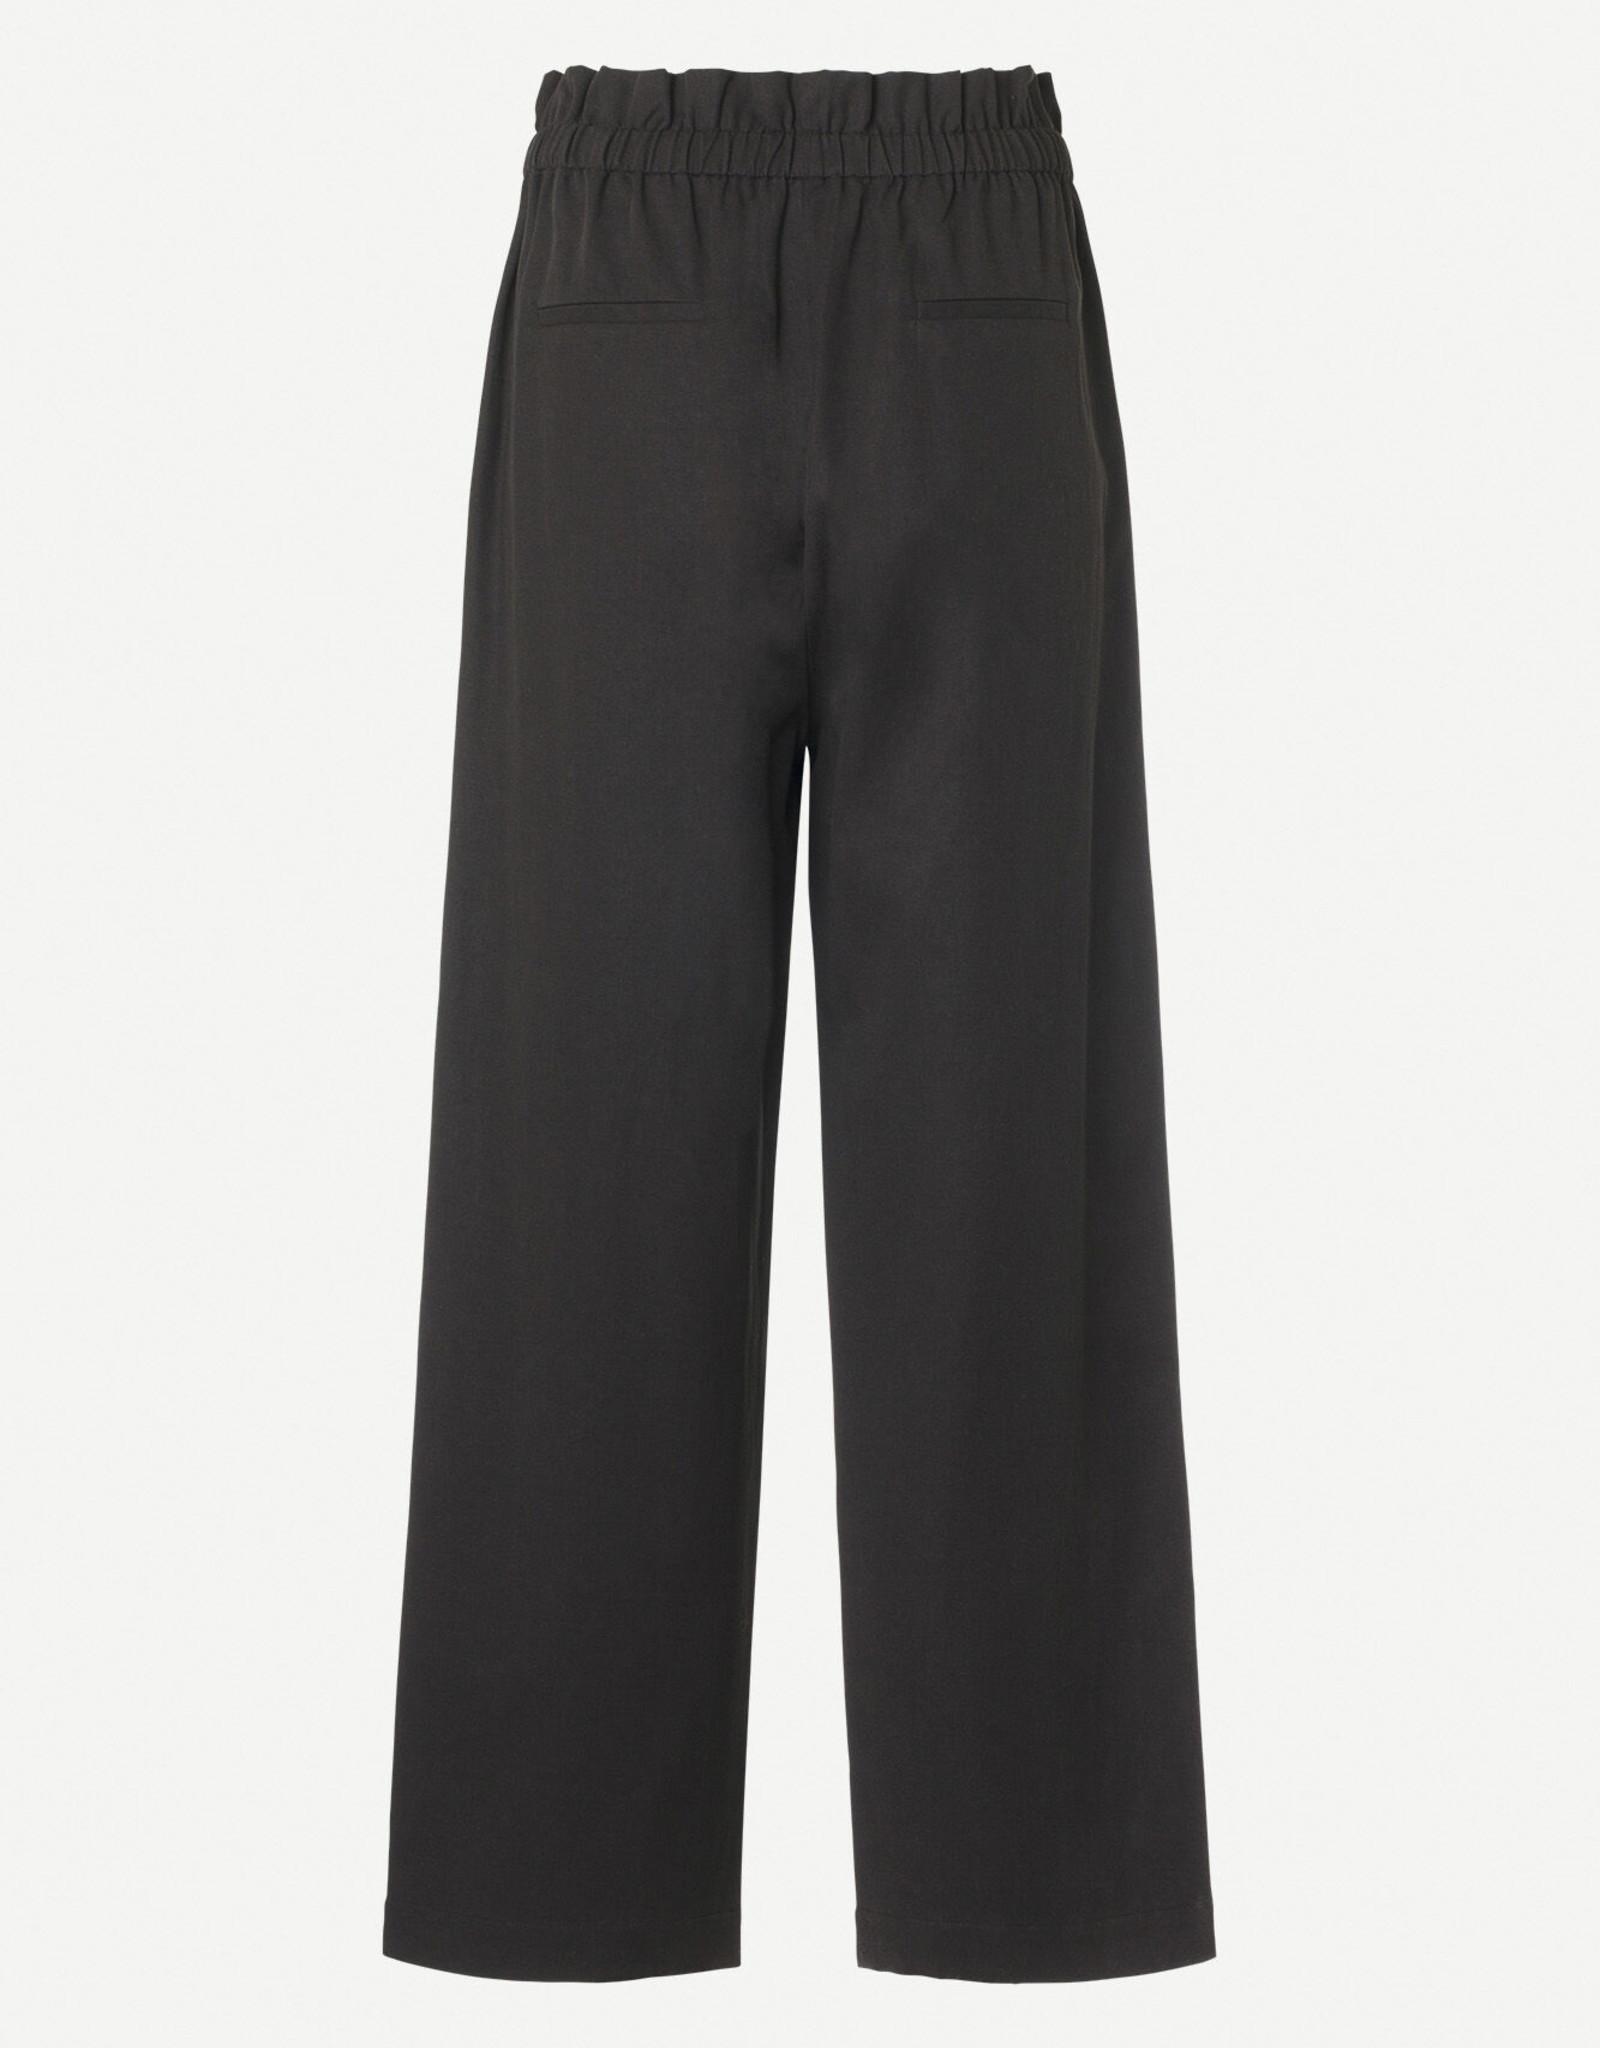 Samsoe Samsoe Aya trousers 11531 BLACK